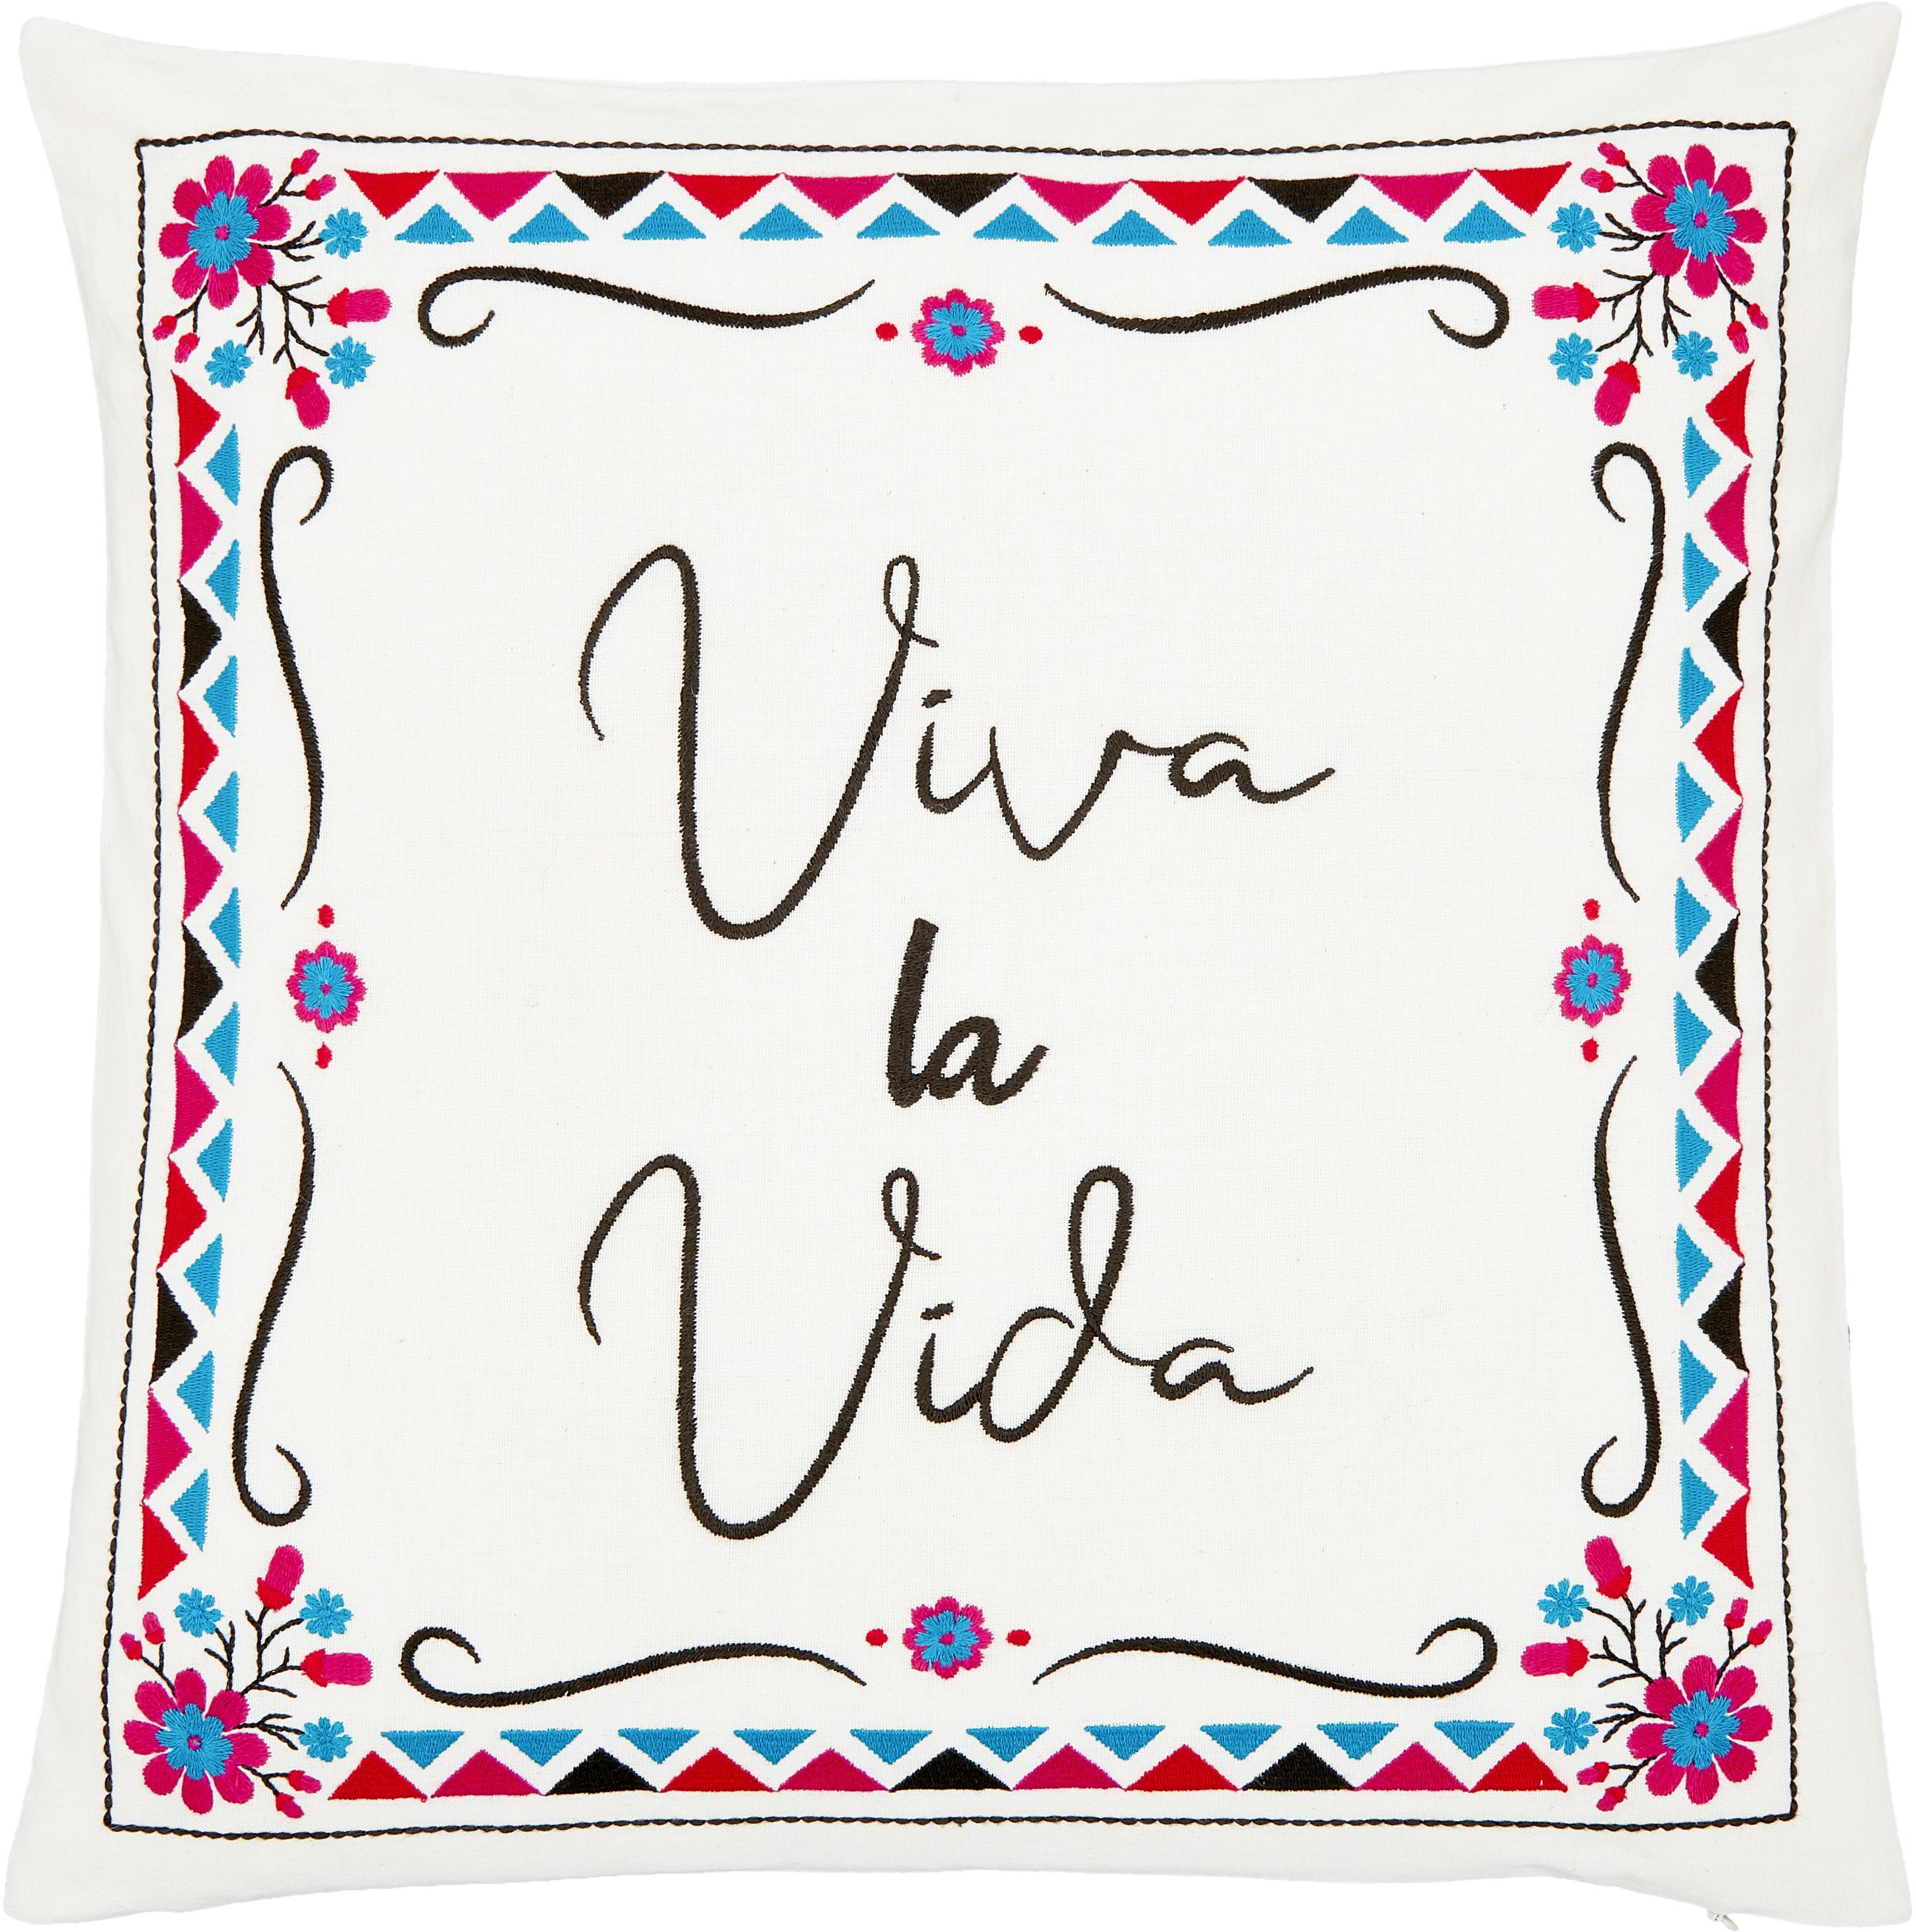 Funda de cojín bordada Viva la Vida, Algodón, Blanco crema, multicolor, An 45 x L 45 cm